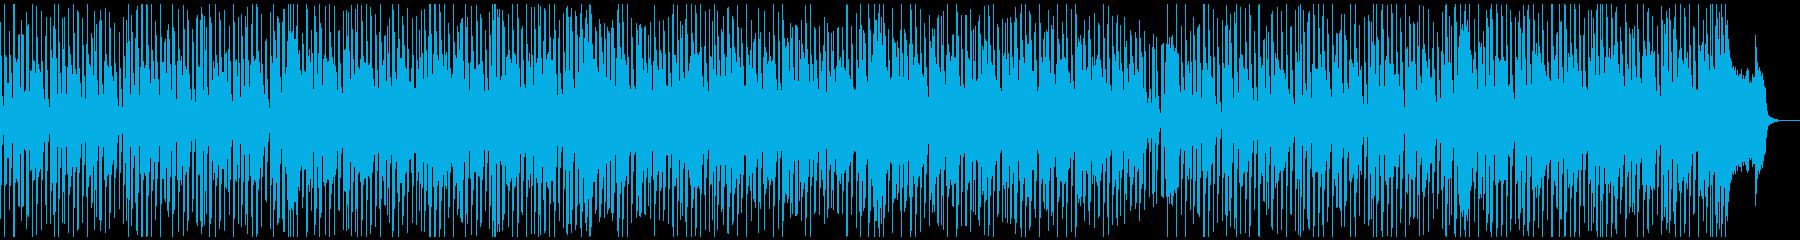 スキップしたくなる楽しいポップソングHRの再生済みの波形